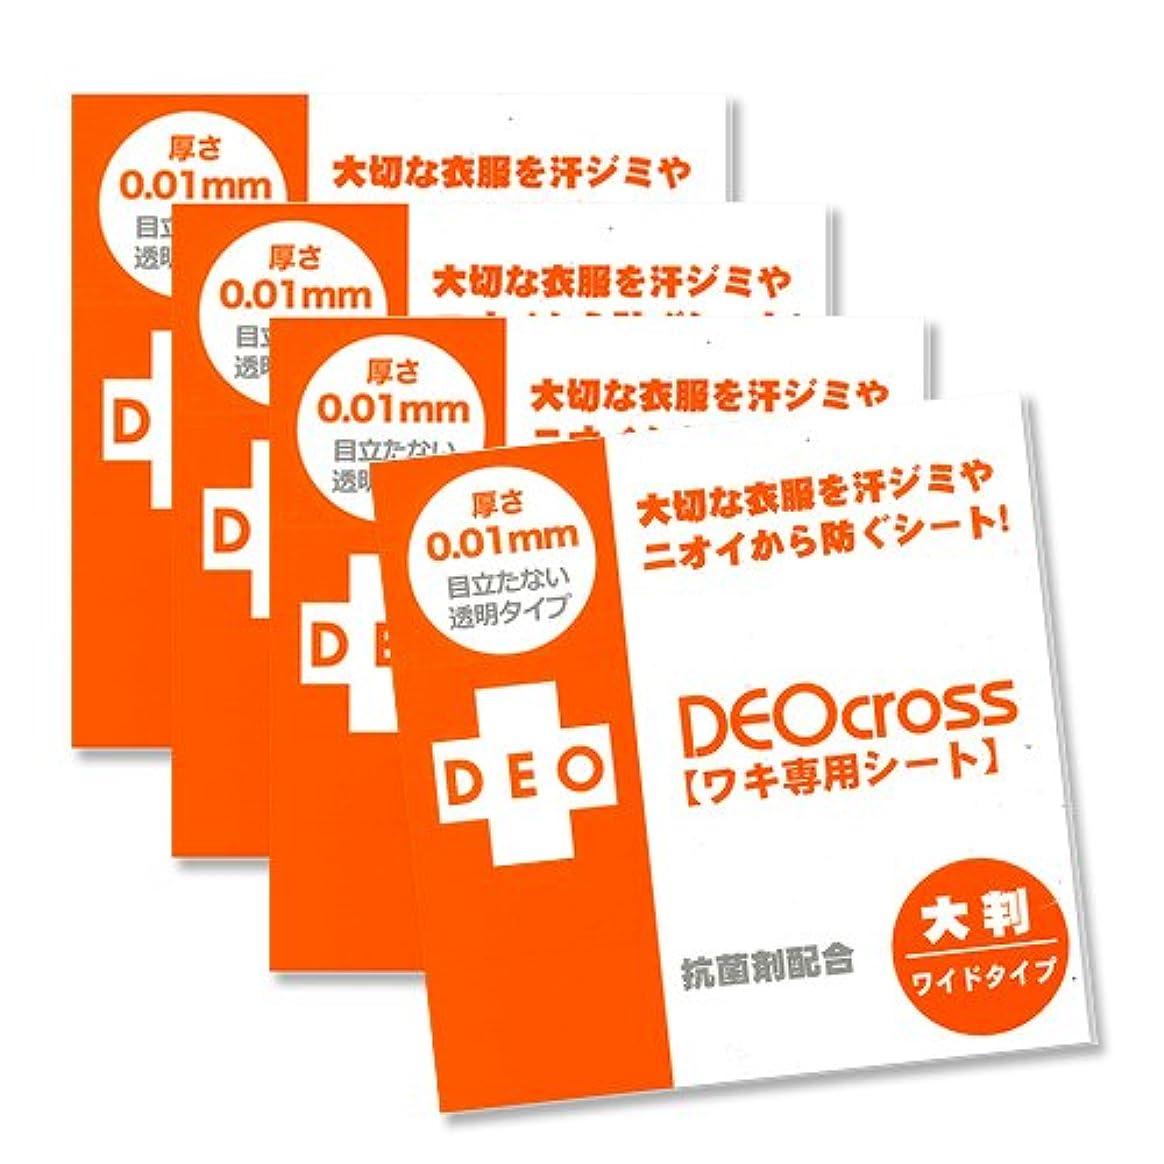 責任者助手フレームワーク【ワキ専用シート】 デオクロス Deo Cross ワイドタイプ (50枚入りx4個セット)